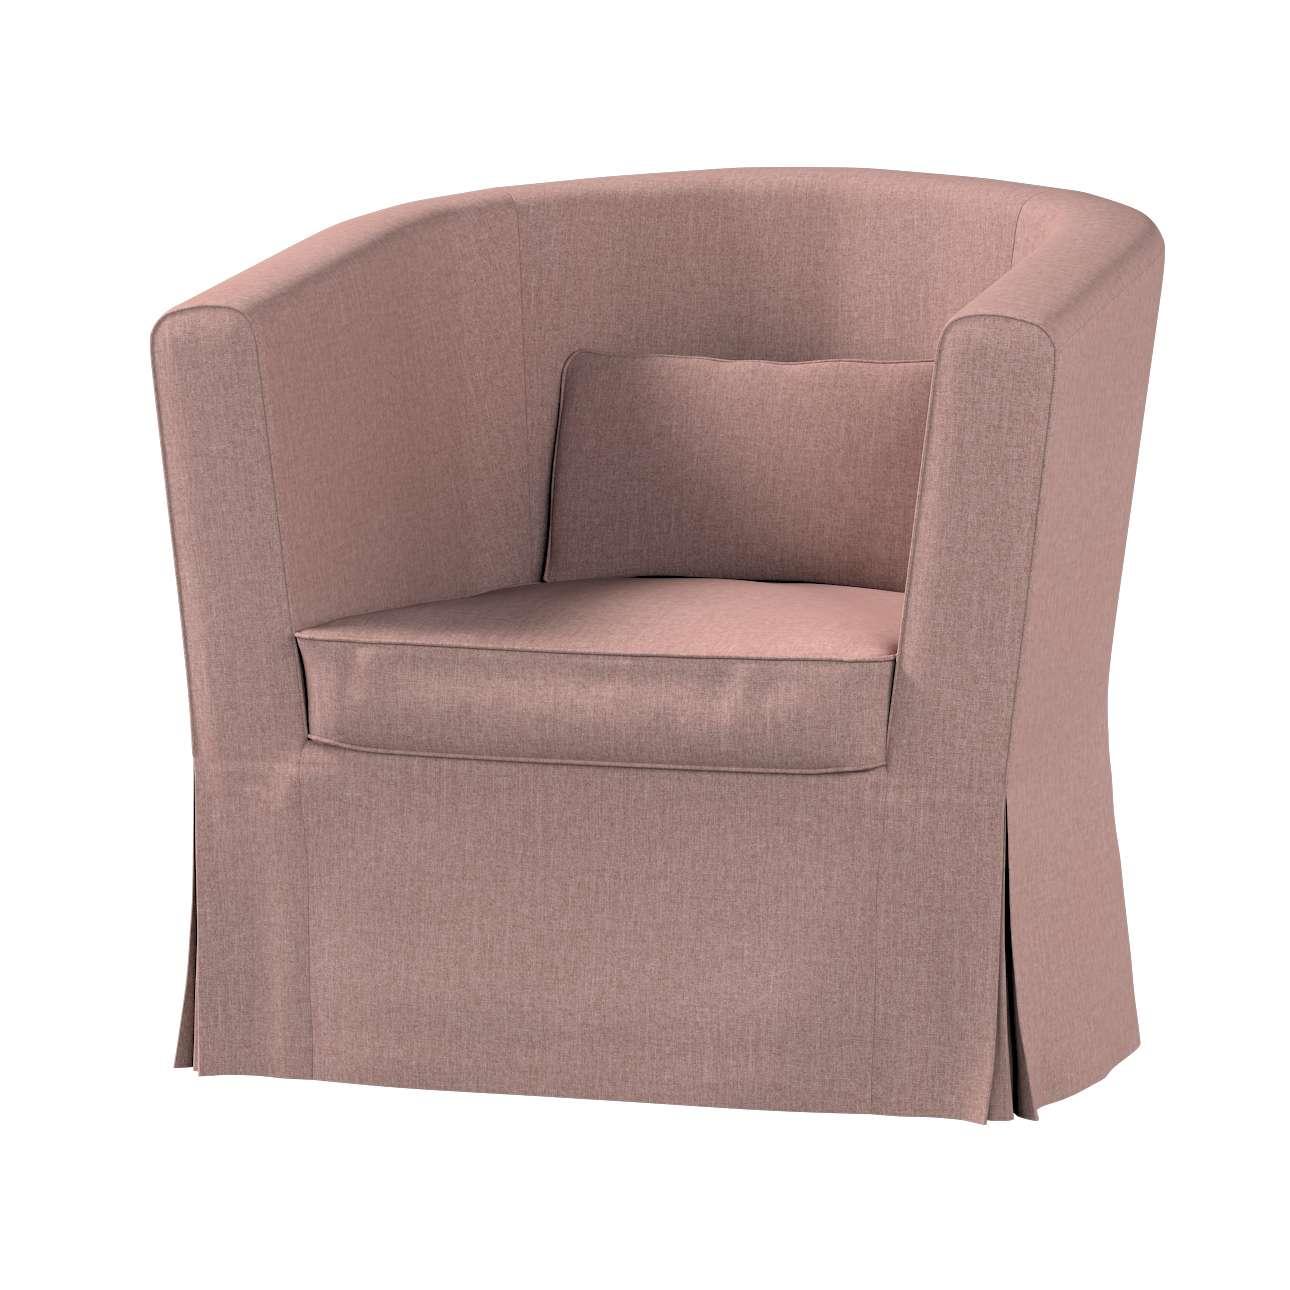 Pokrowiec na fotel Ektorp Tullsta w kolekcji City, tkanina: 704-83